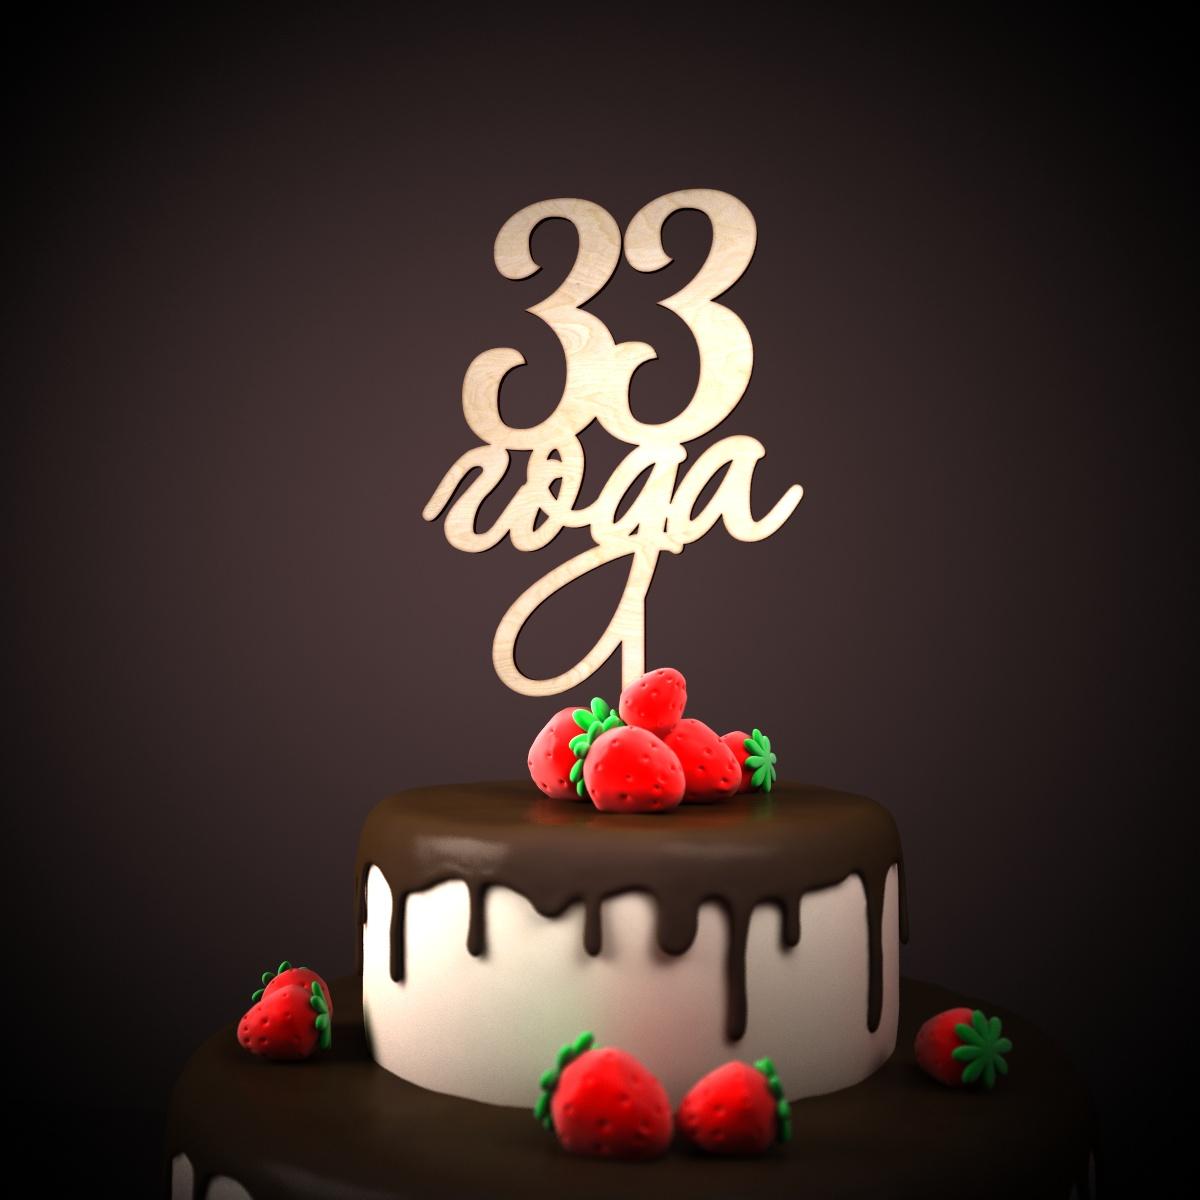 33 года день рождения открытки 76